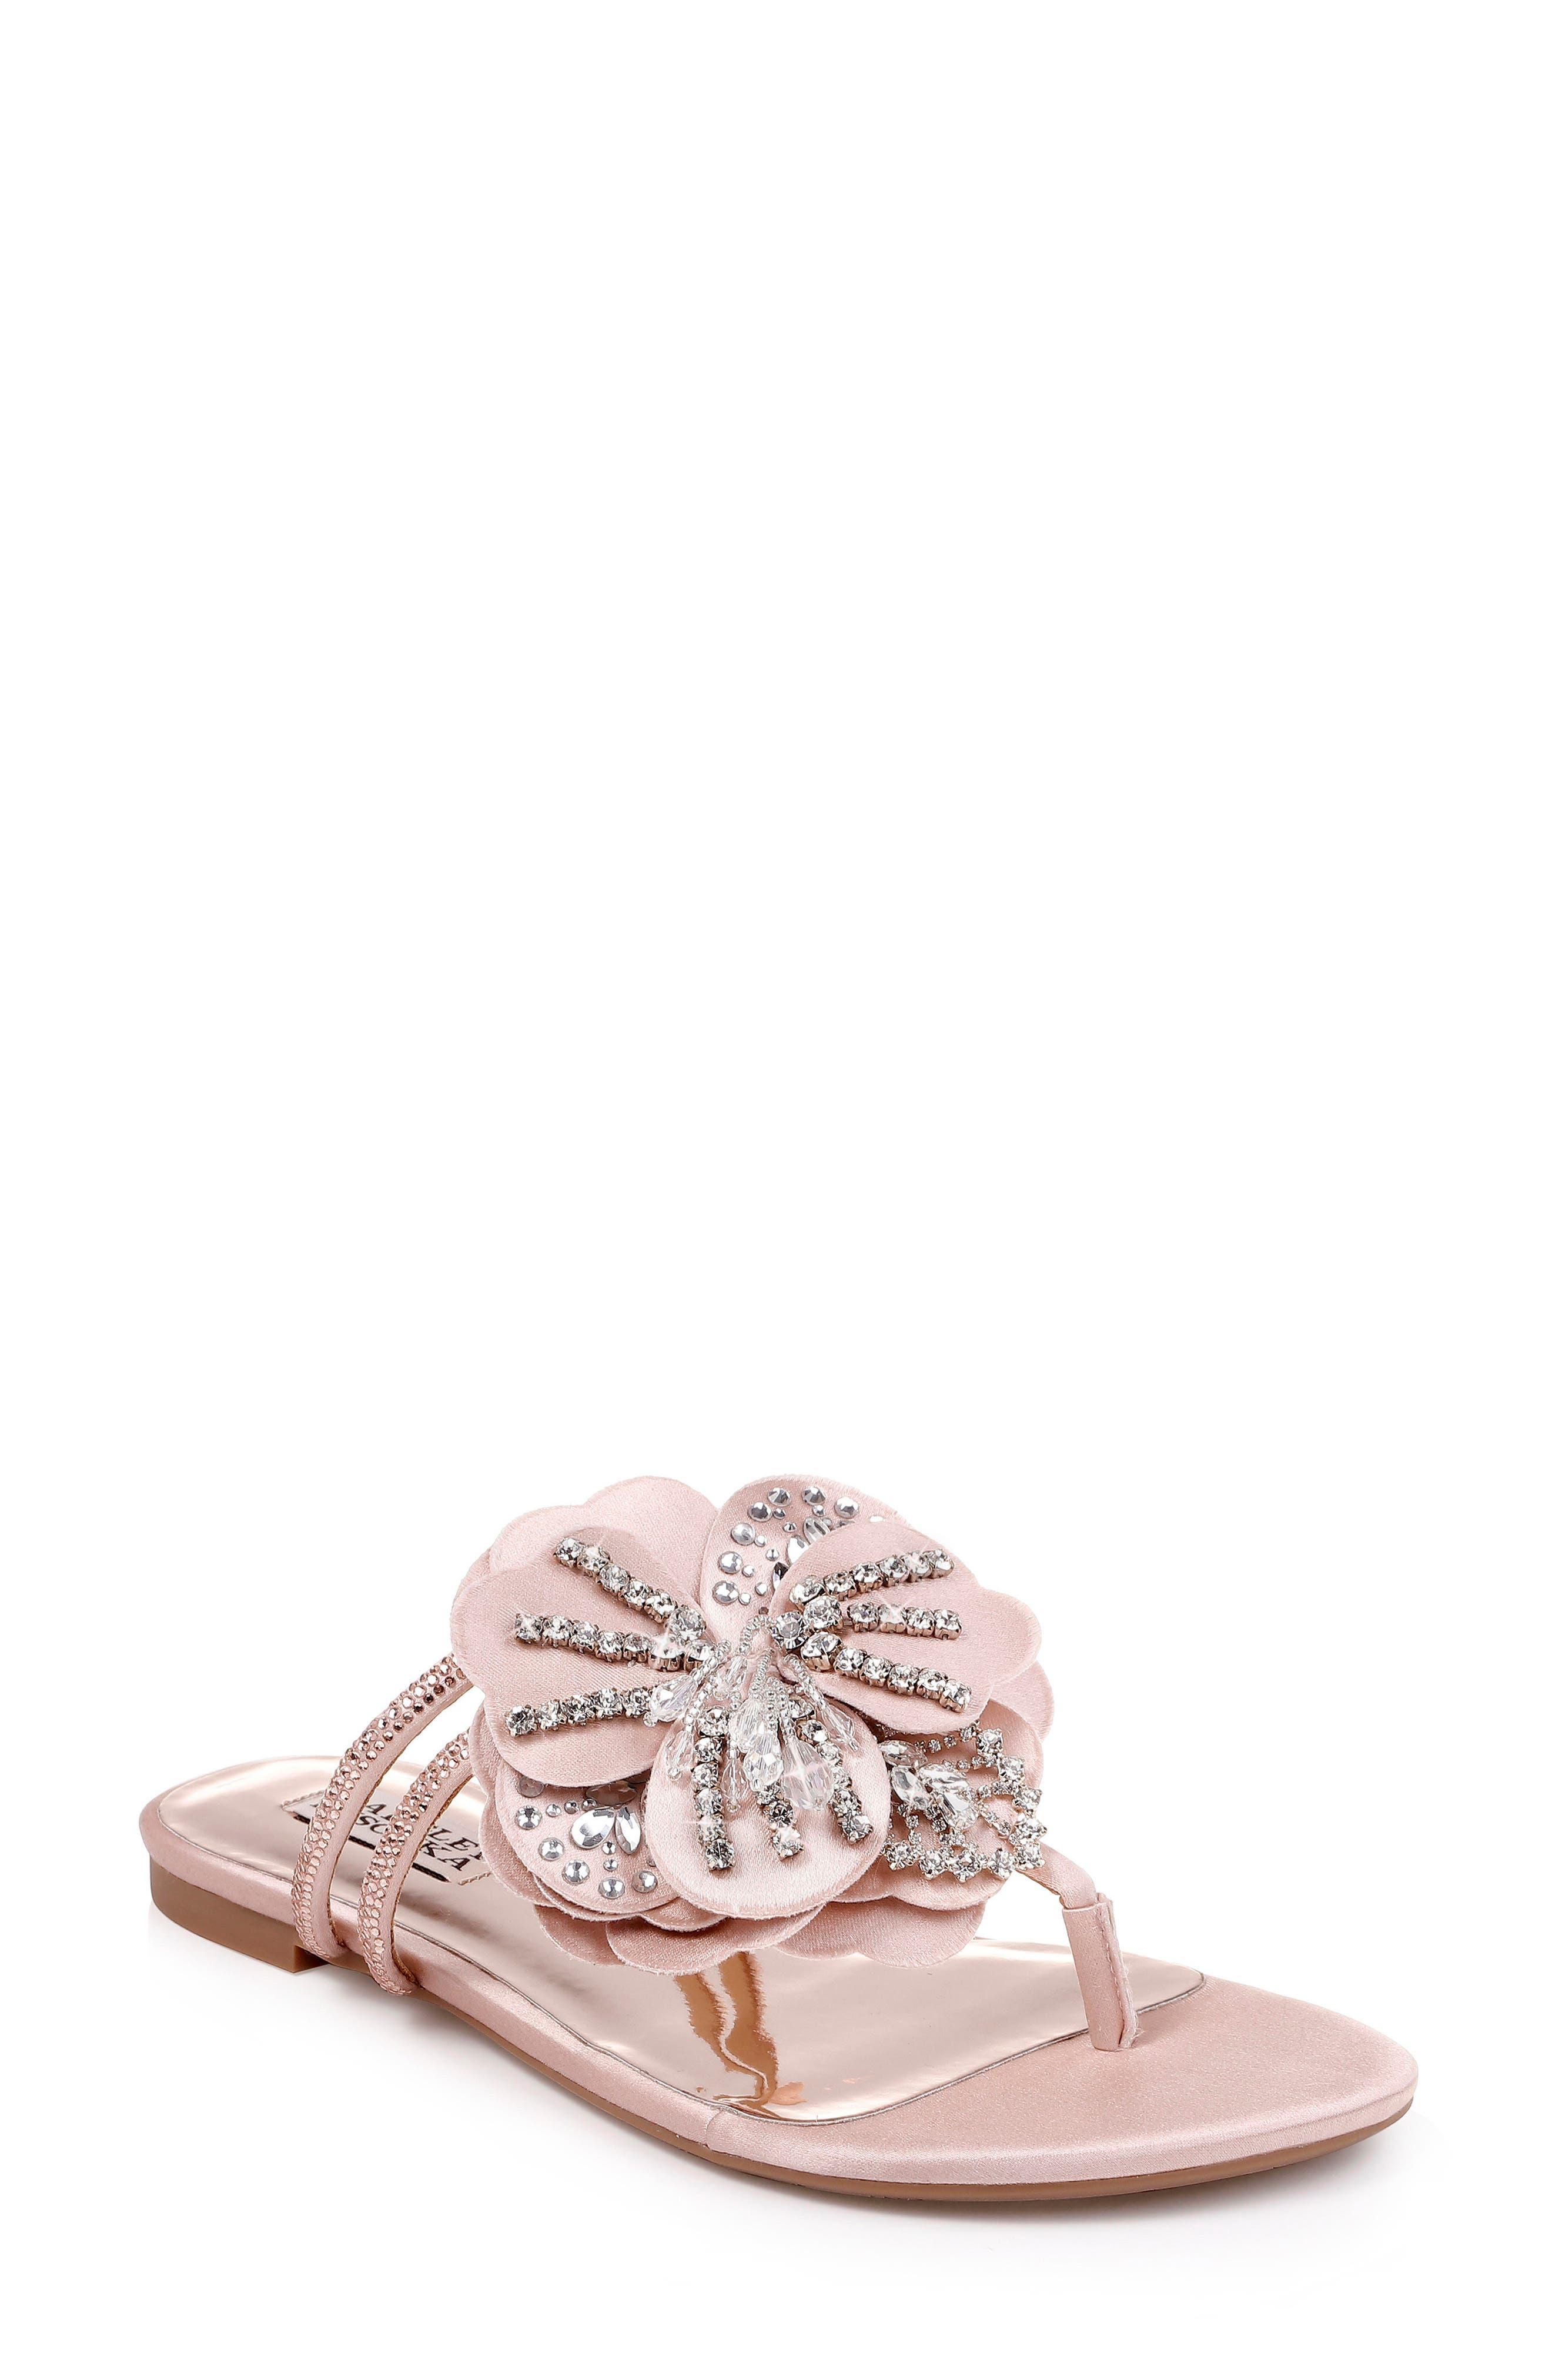 Badgley Mischka Laurie Embellished Slide Sandal,                             Main thumbnail 1, color,                             SOFT BLUSH SATIN